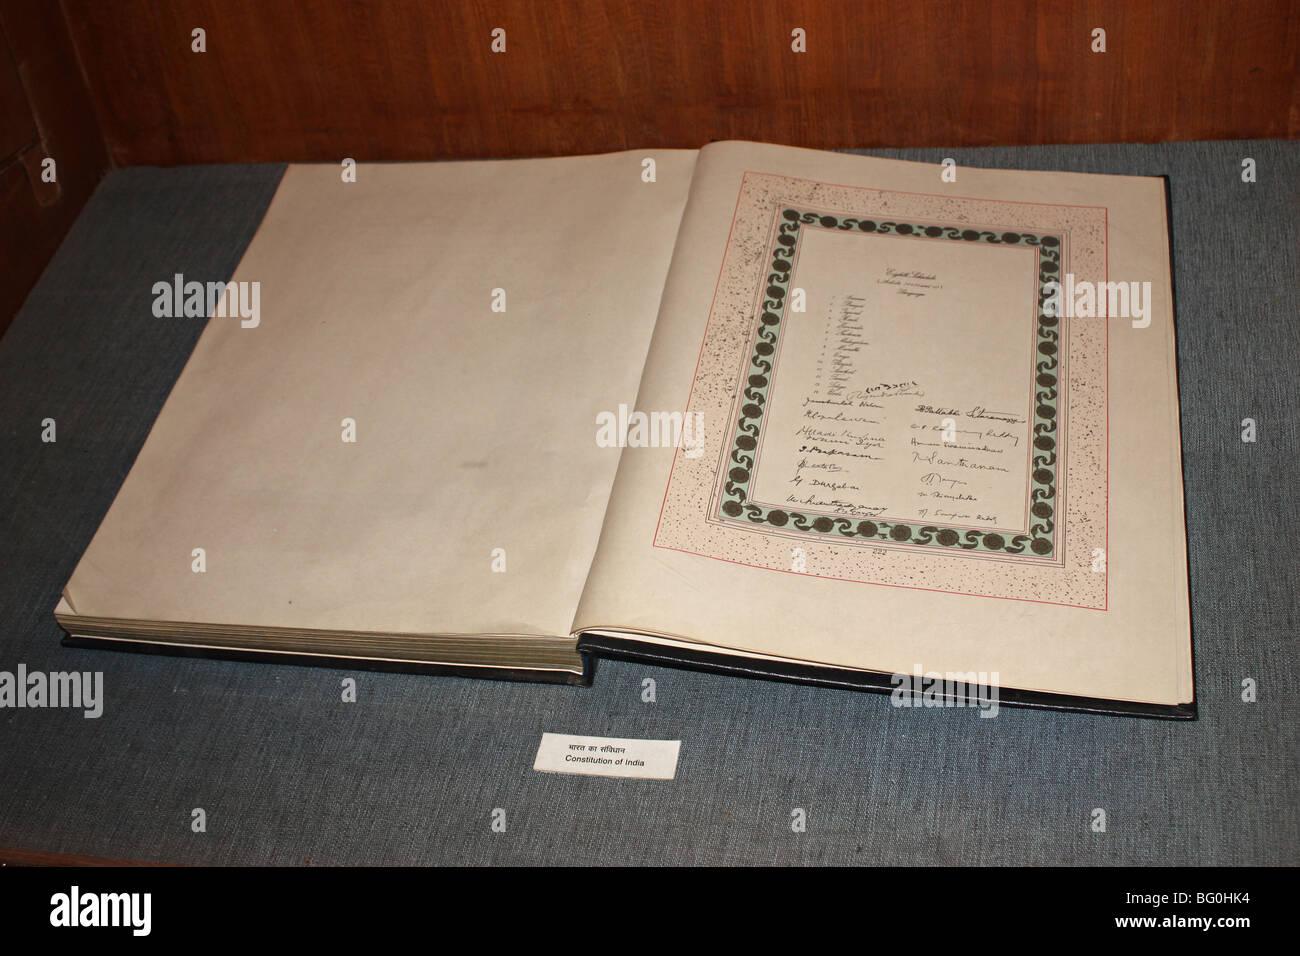 constitution of India book manuscript written - Stock Image